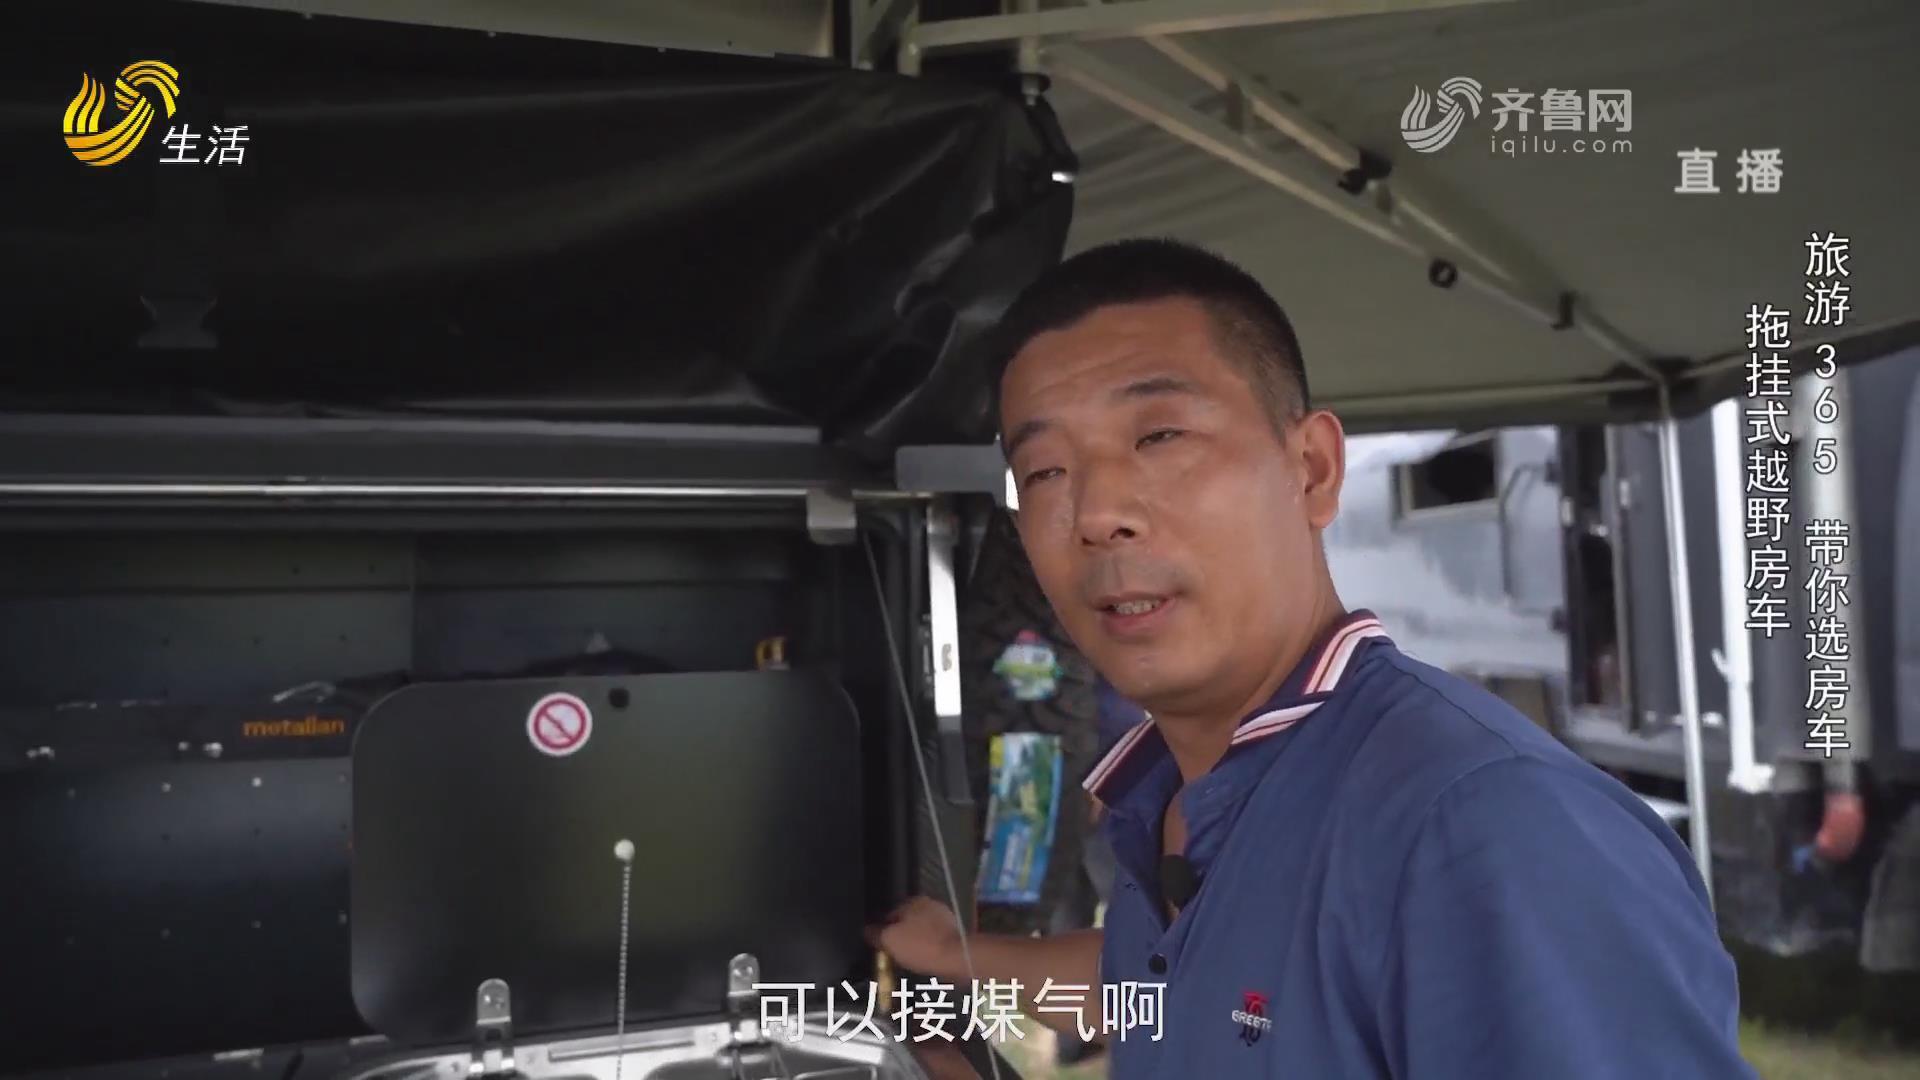 旅游365:带你选房车 拖挂式越野房车